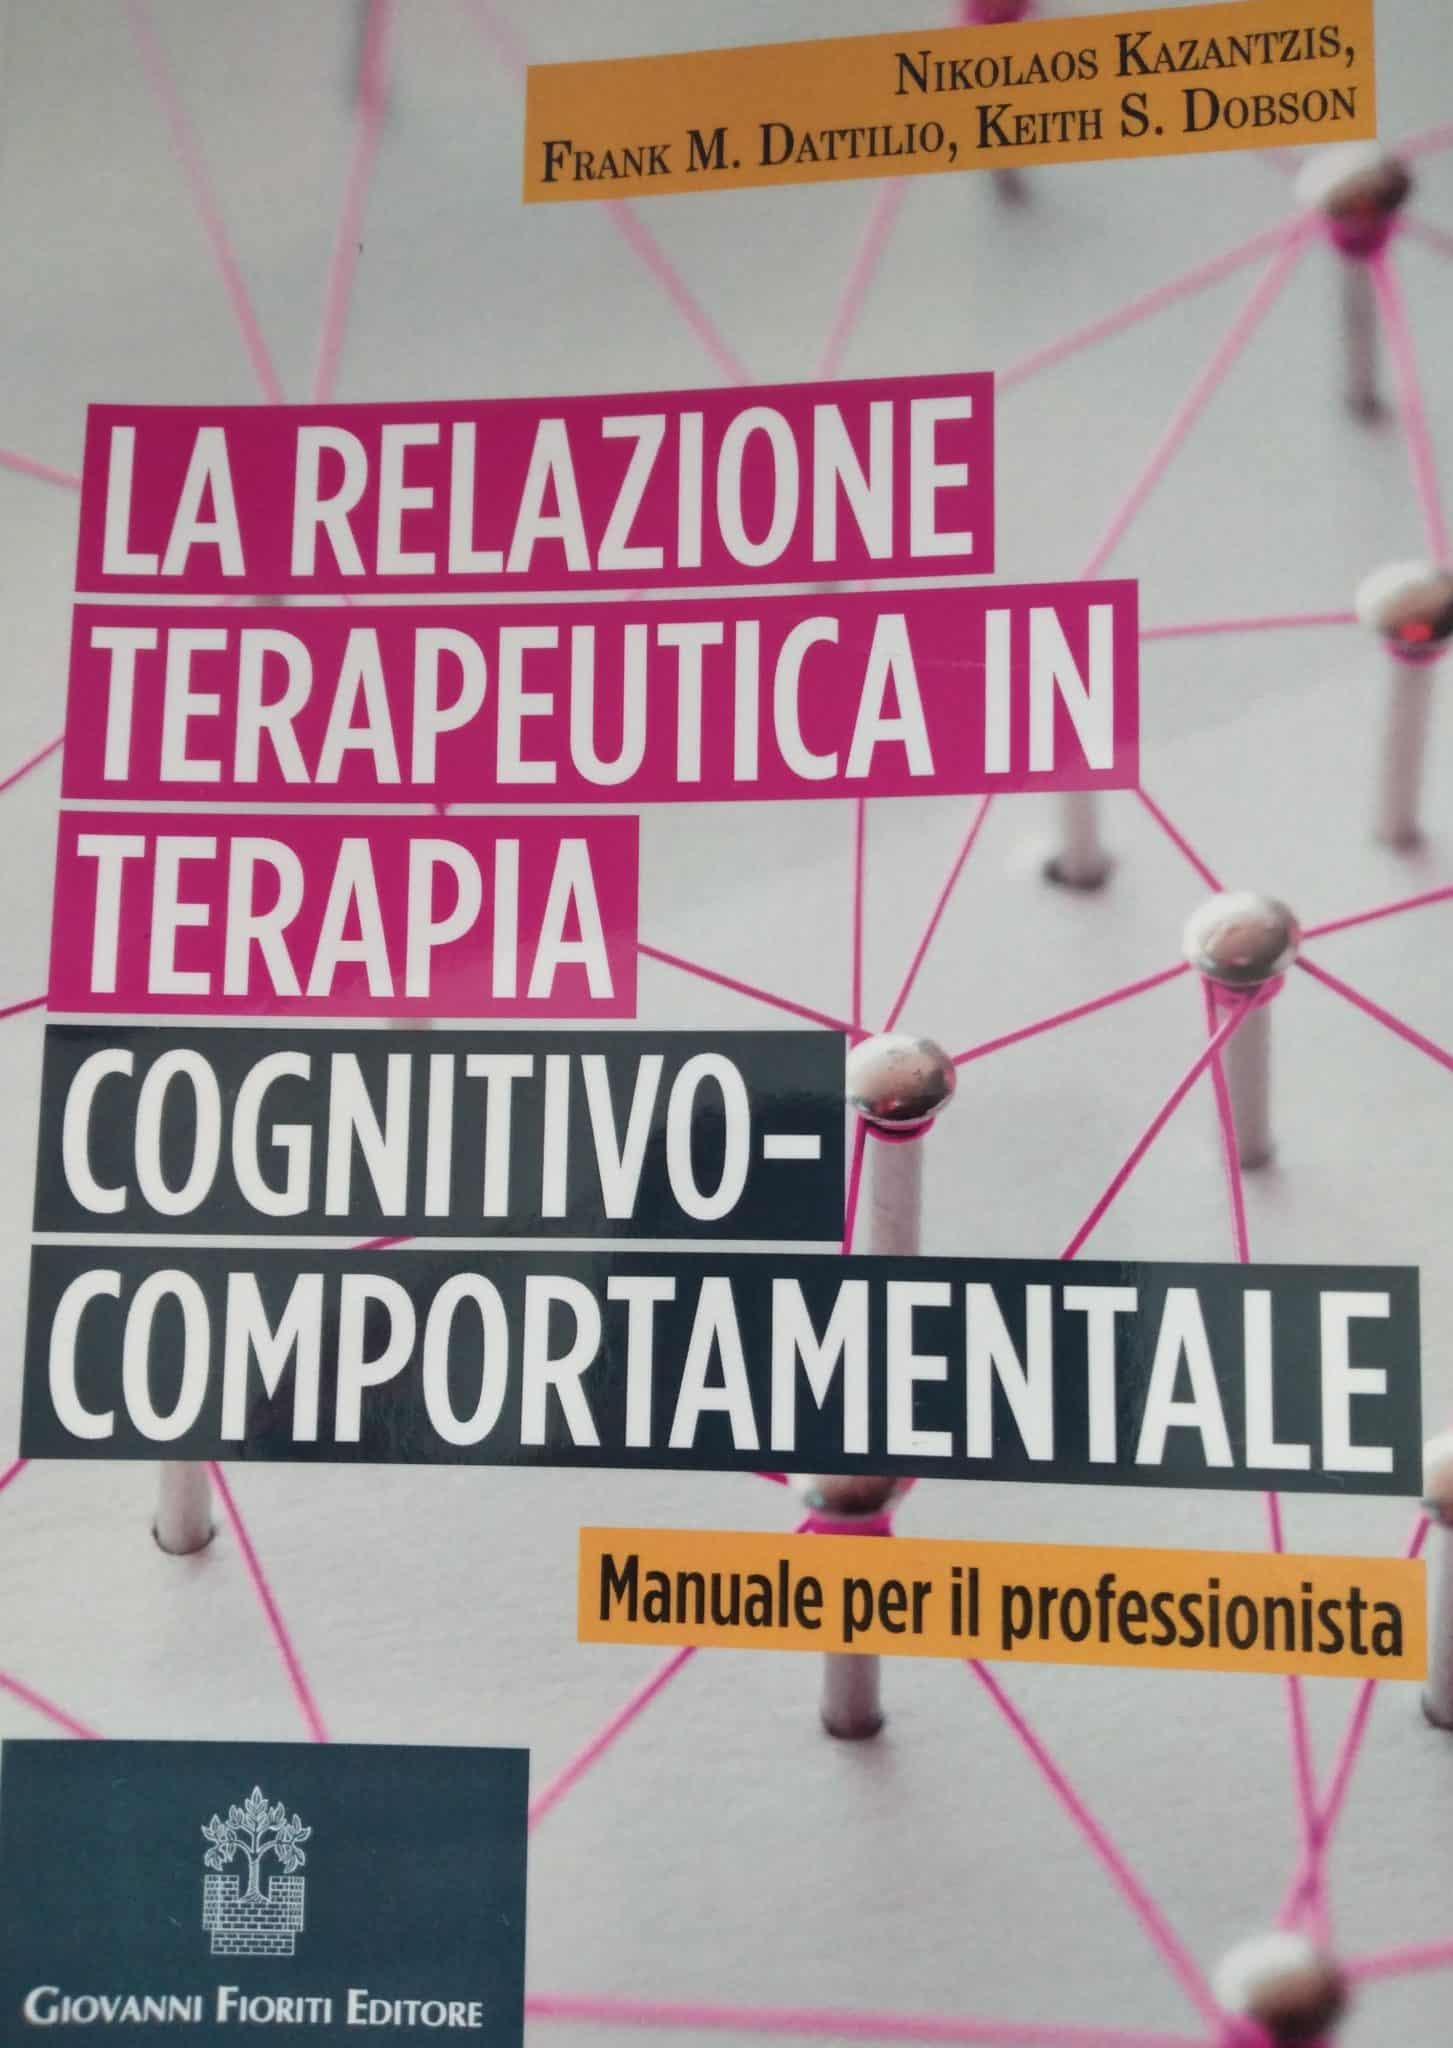 La Relazione Terapeutica In Terapia Cognitivo-comportamentale. Manuale Per Il Professionista